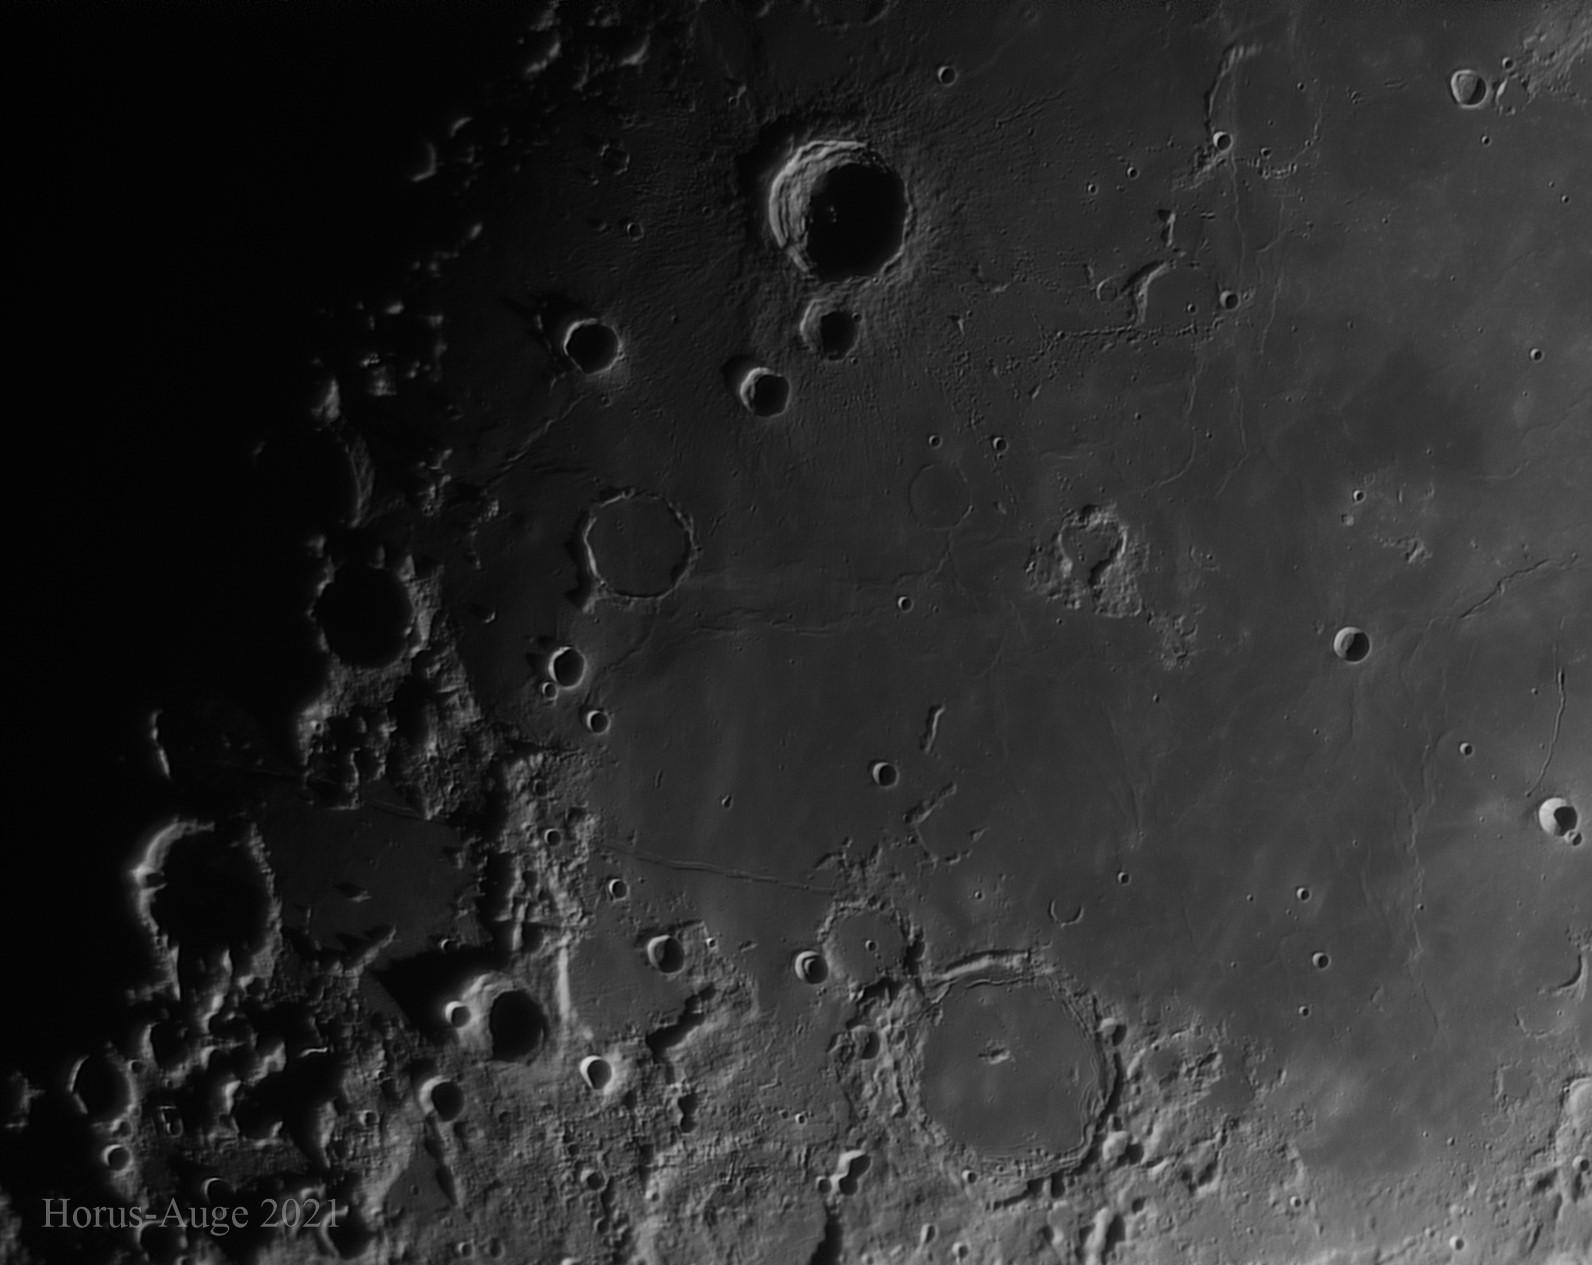 Mond_Mare Nubium.jpg